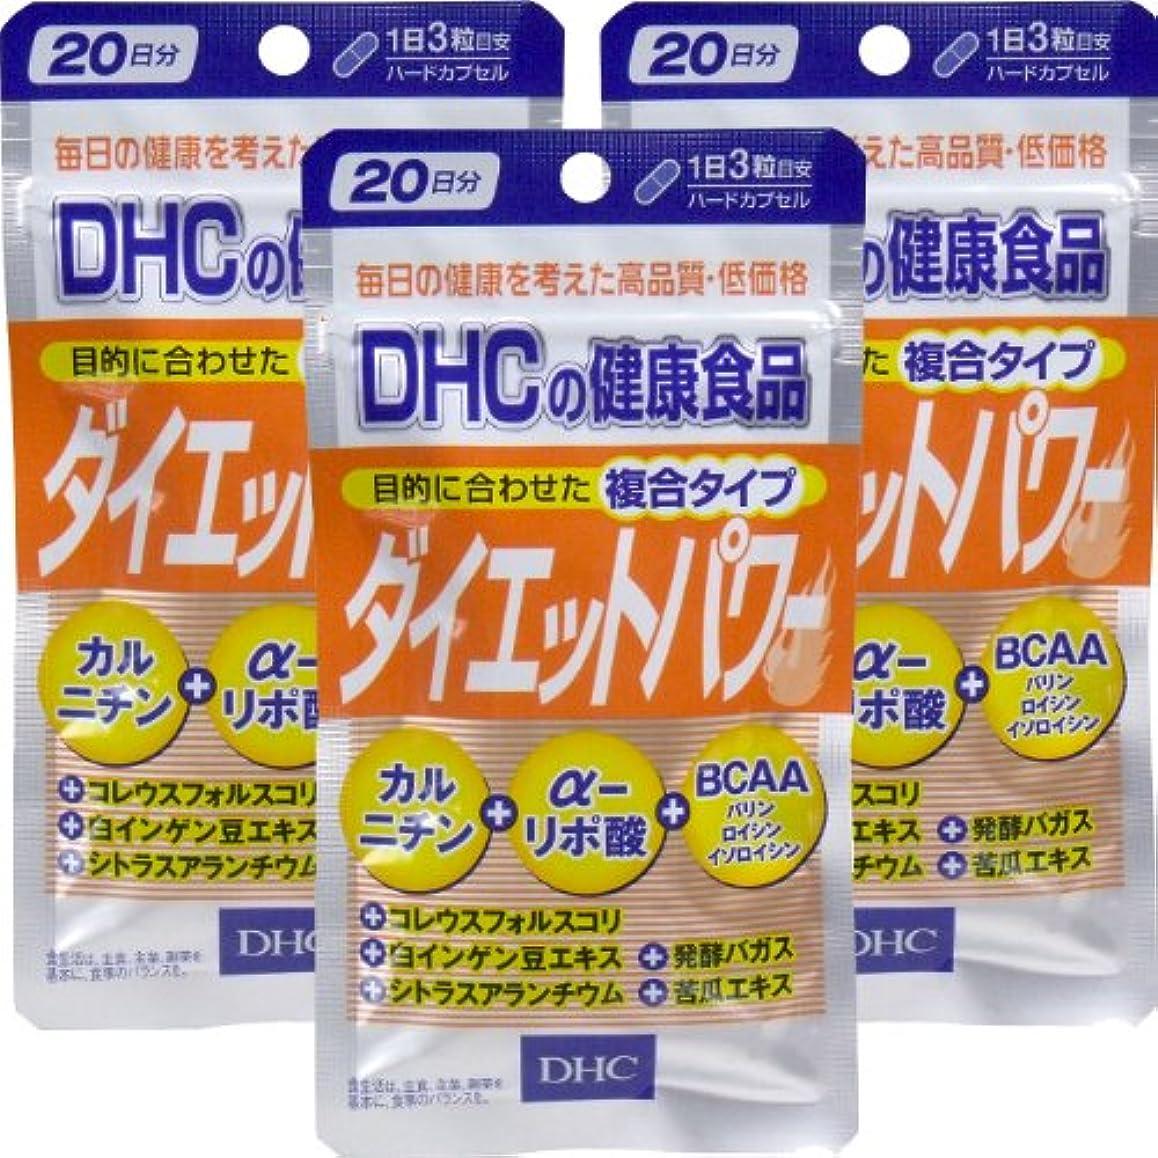 ポータル安らぎ差し控えるDHC ダイエットパワー 20日分 60粒 ×3個セット